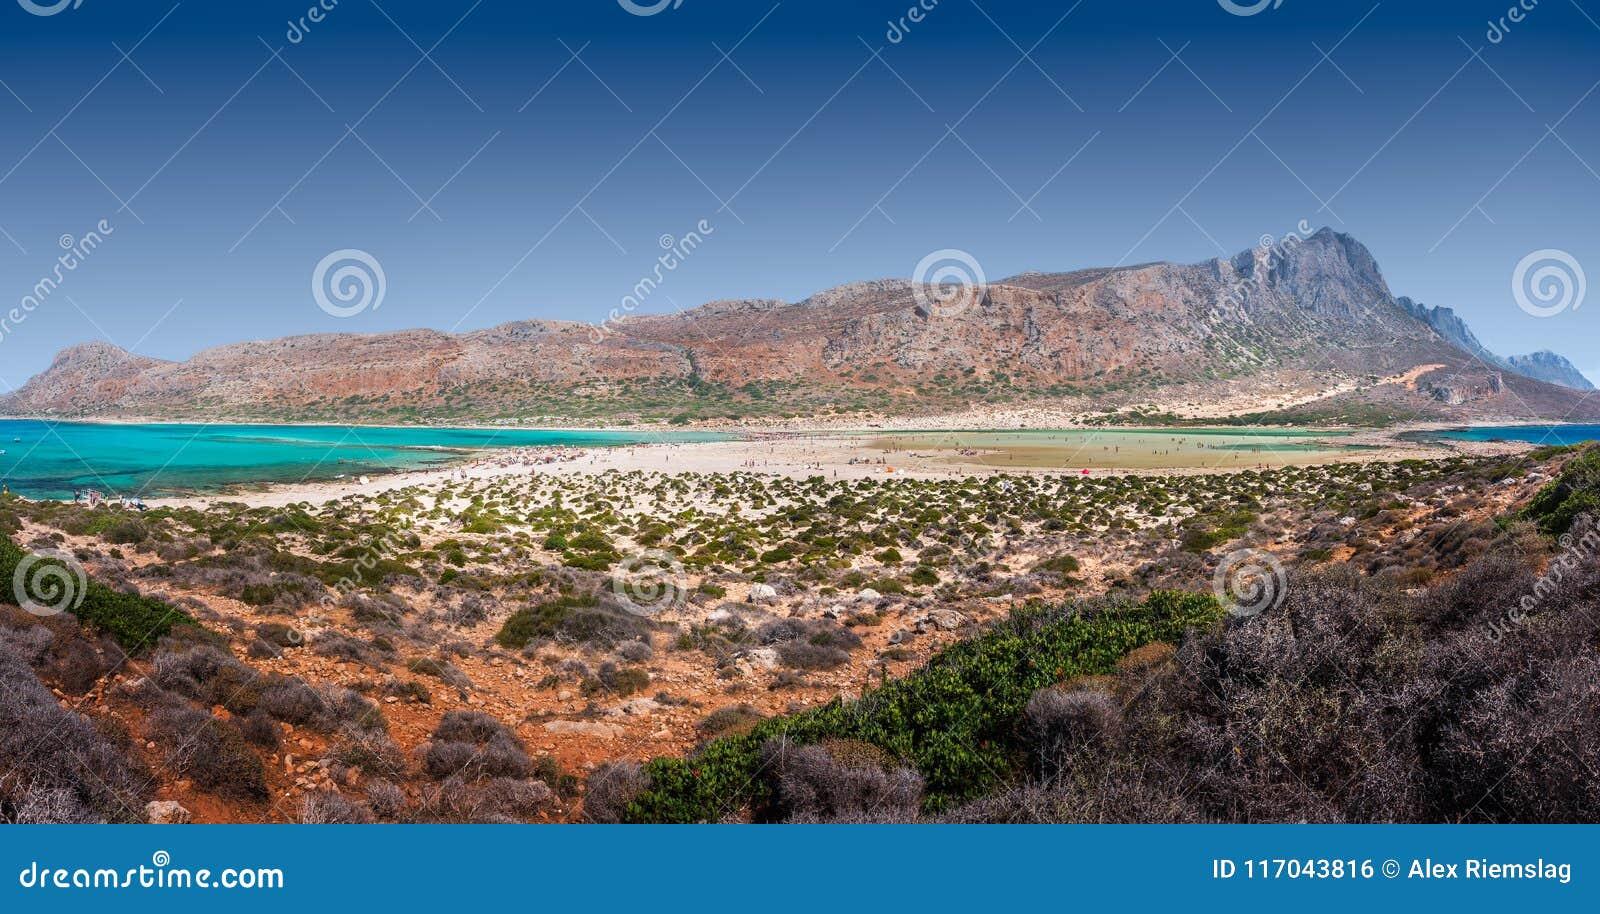 Panorama de la playa de Balos, Creta, Grecia